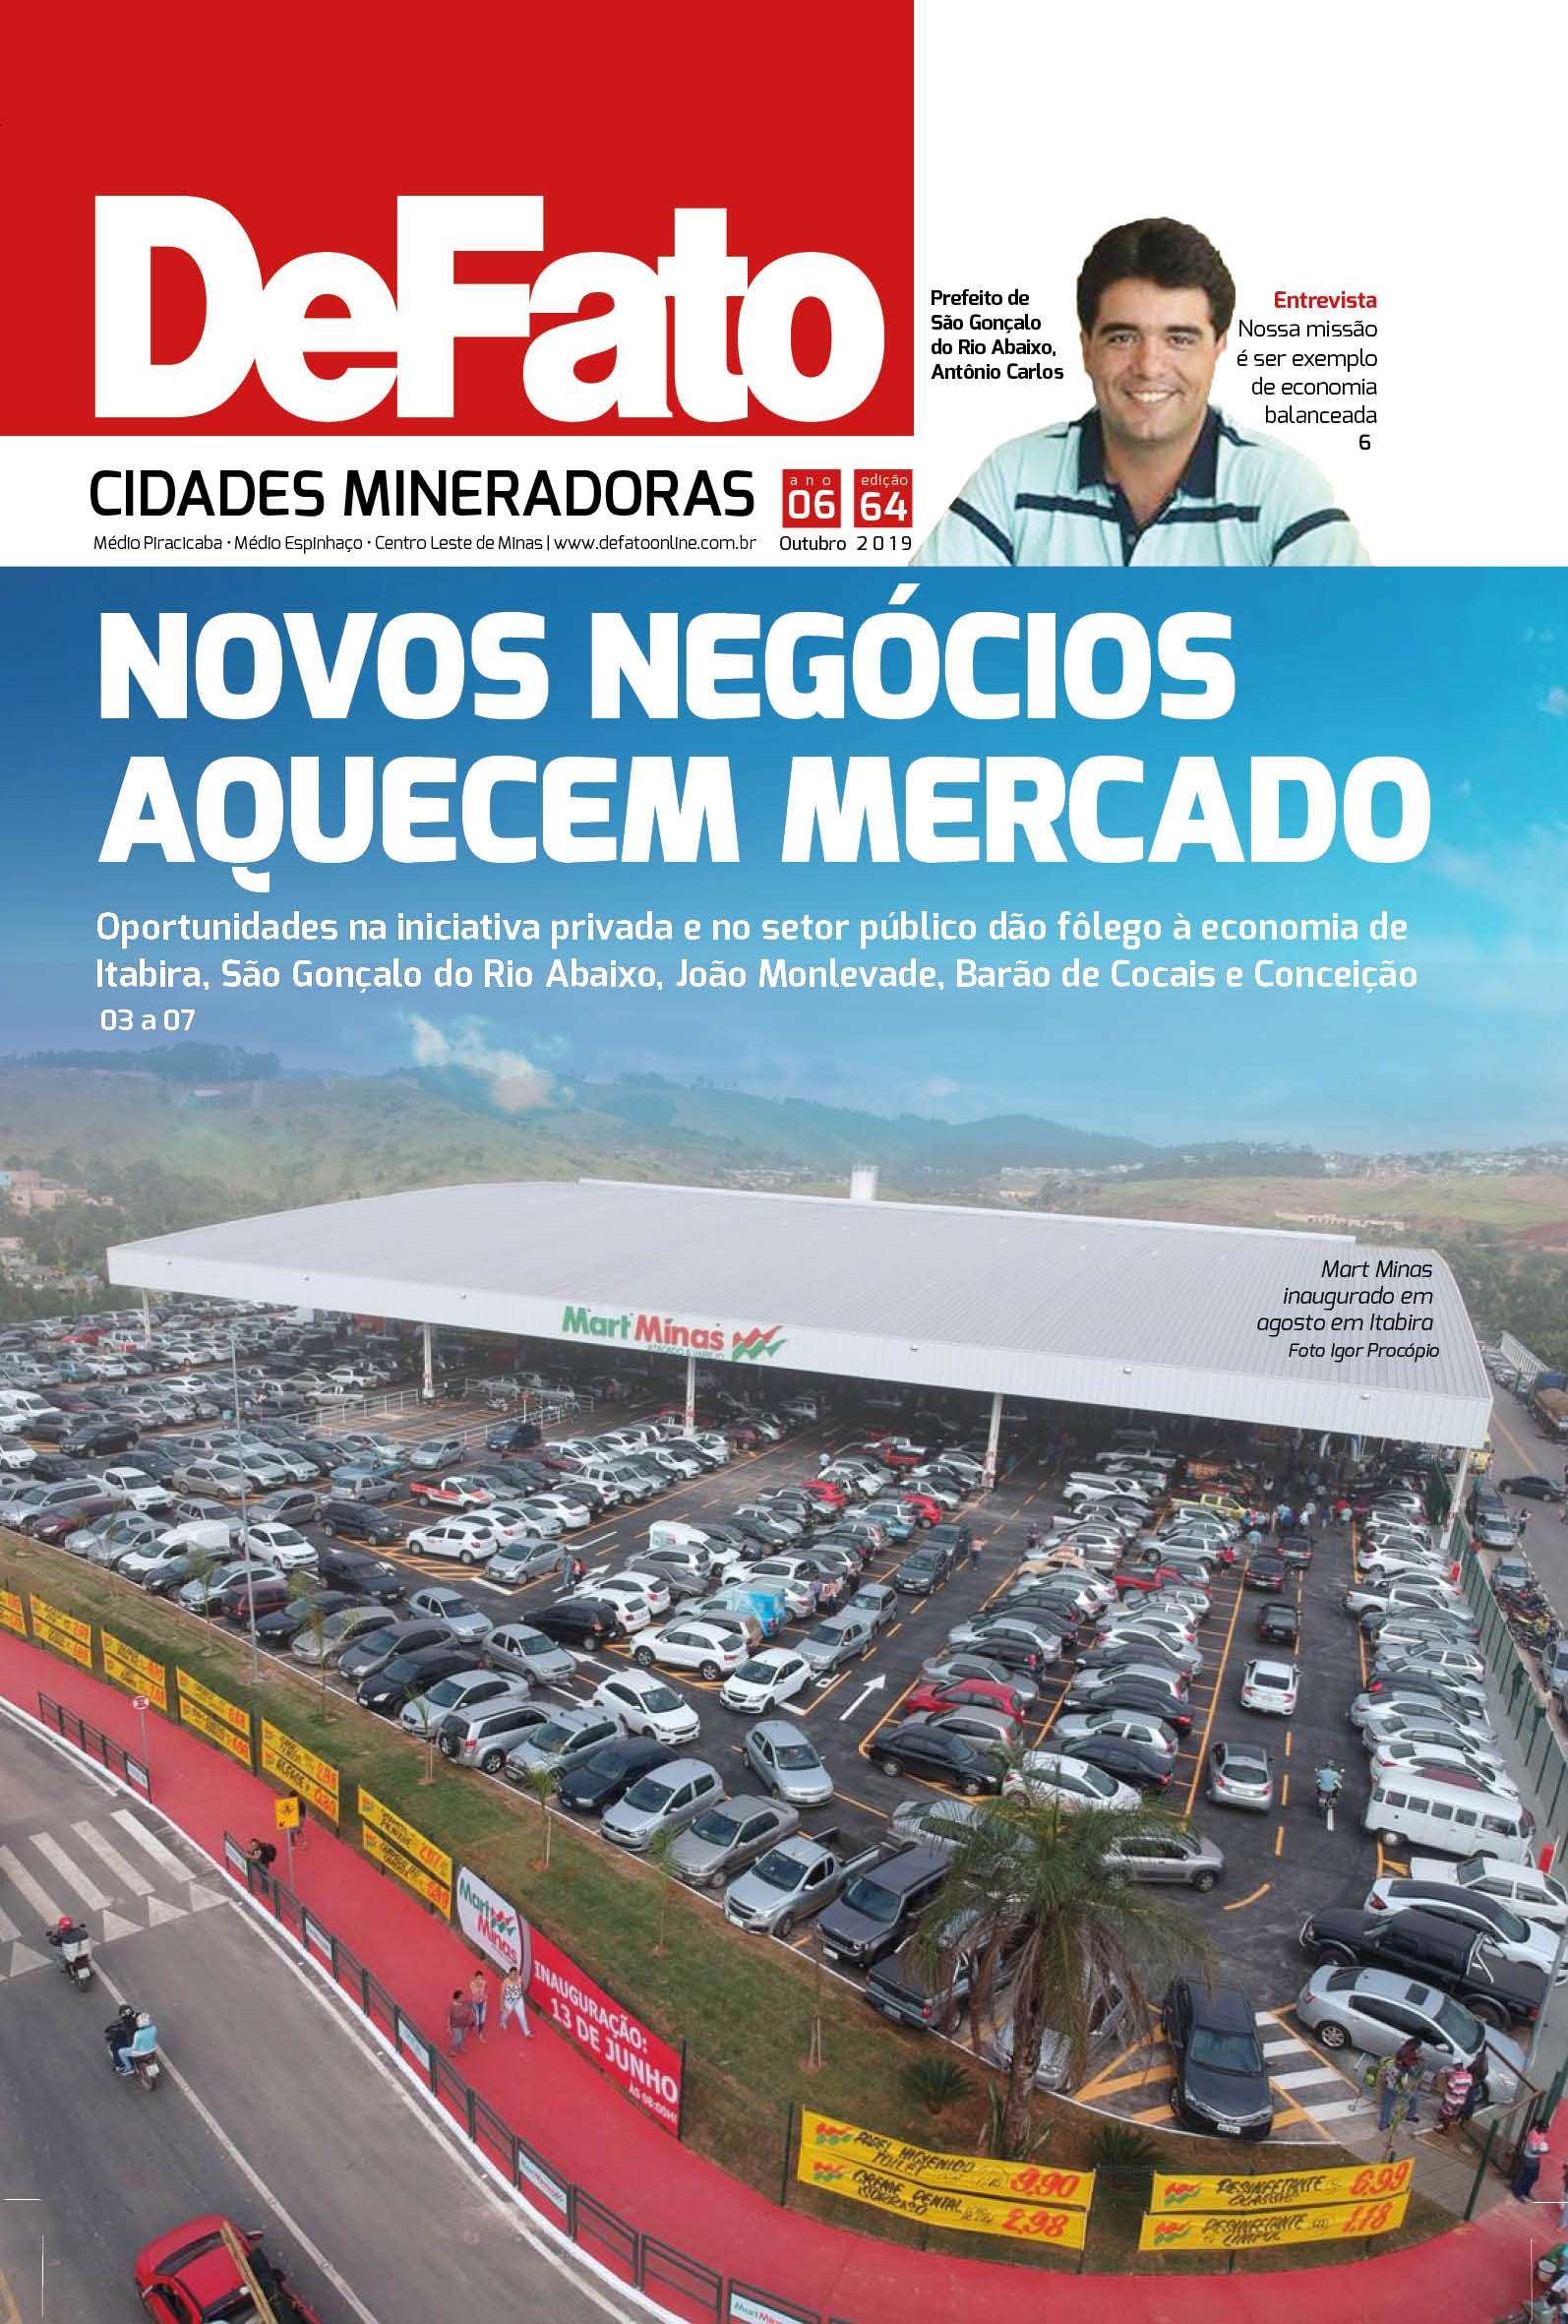 Jornal DeFato Cidades Mineradoras – Edição 64